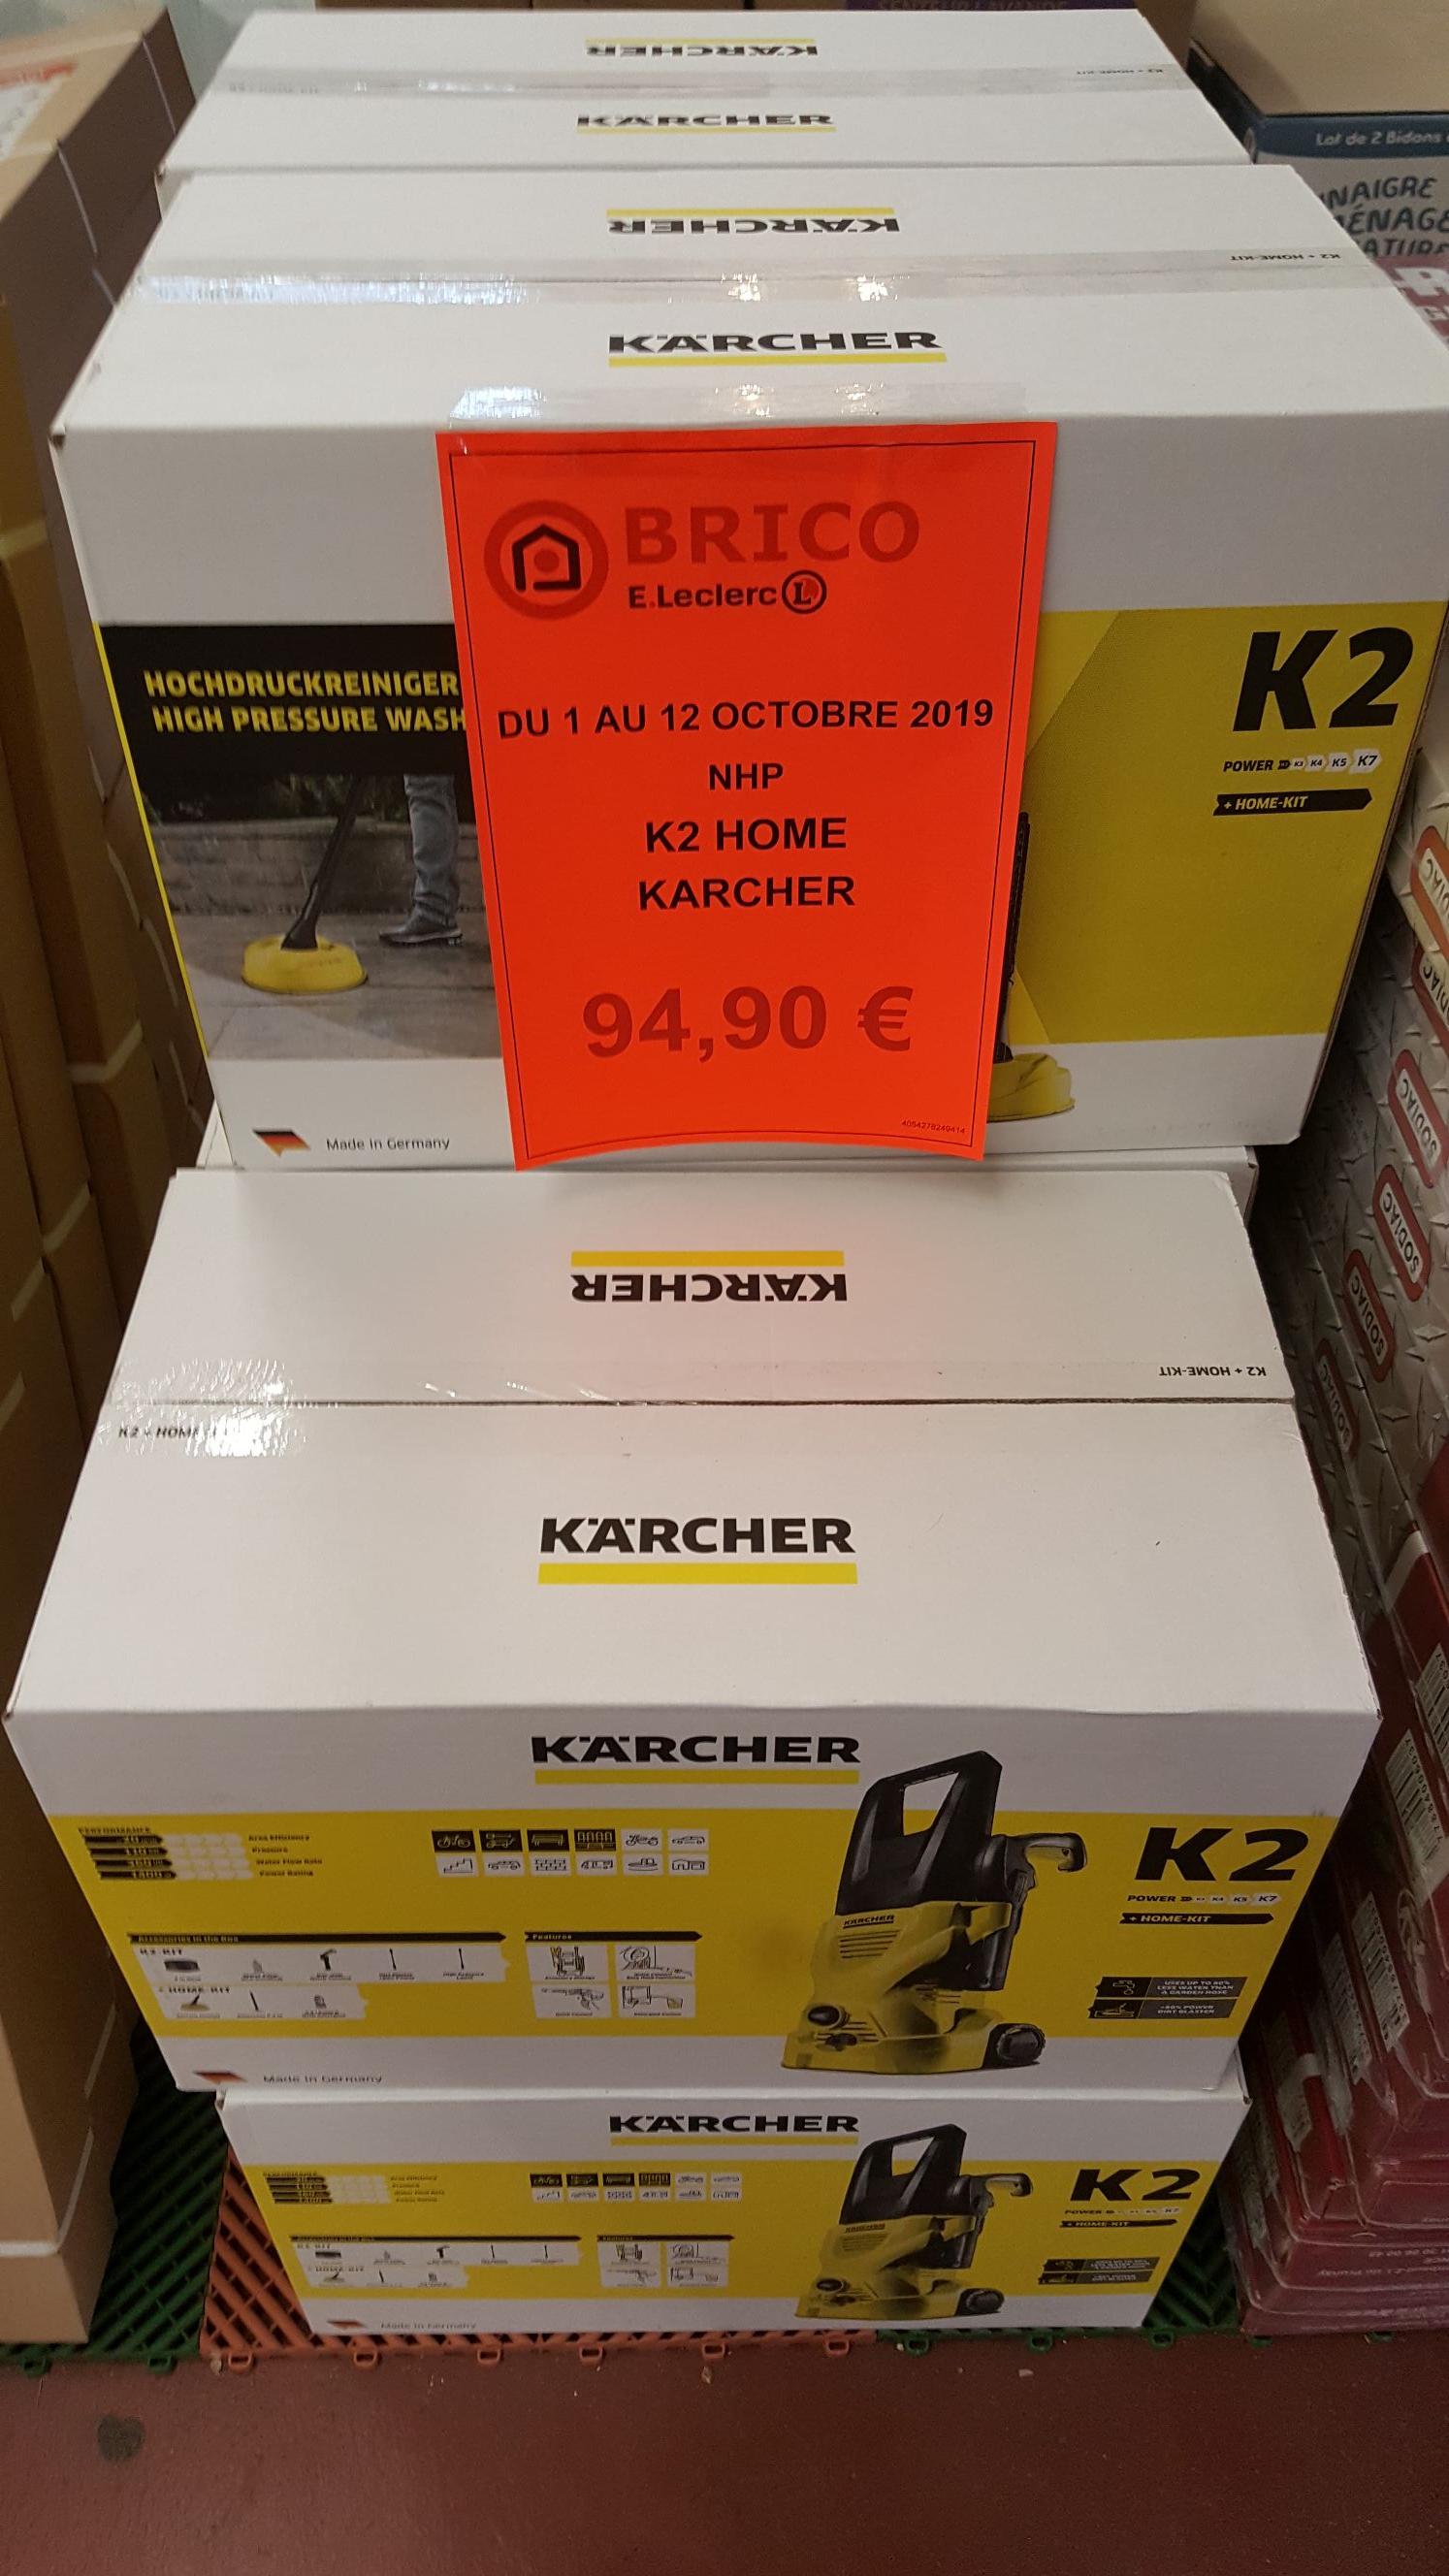 Nettoyeur haute pression Kärcher K2 Home - Leclerc Brico Fleury-les-Aubrais (45)